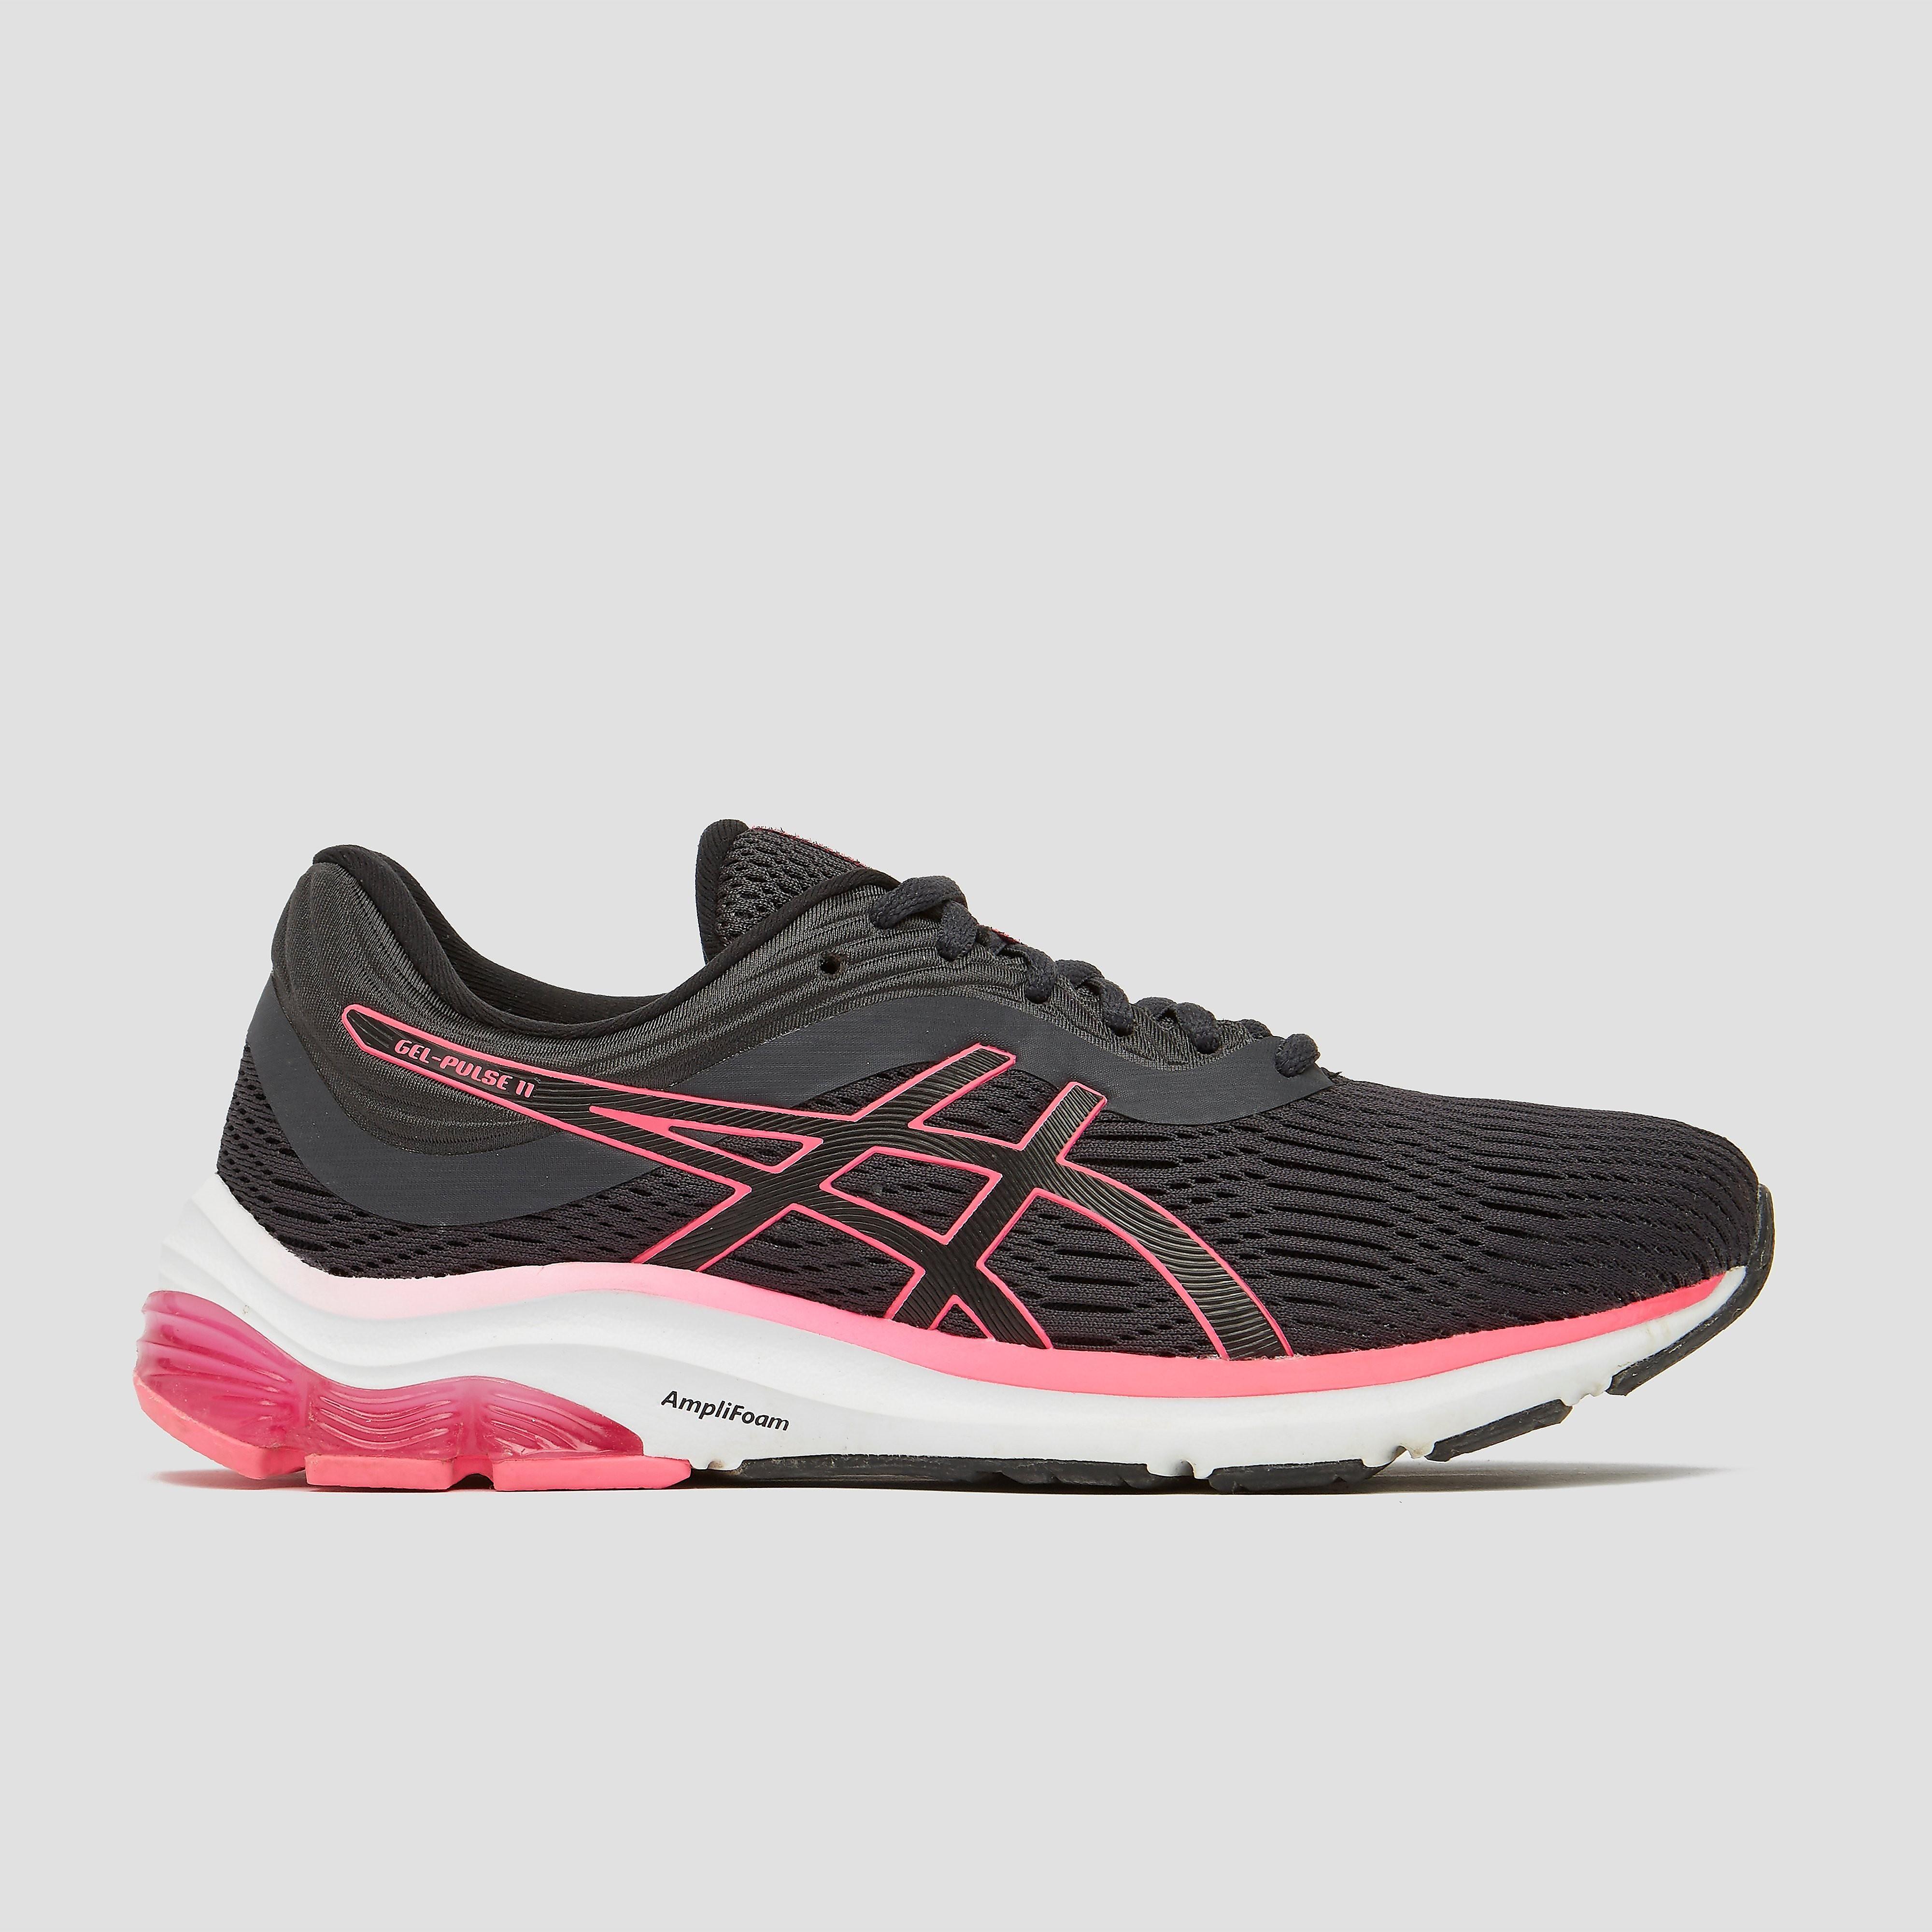 ASICS Gel-pulse 11 hardloopschoenen grijs/roze dames Dames